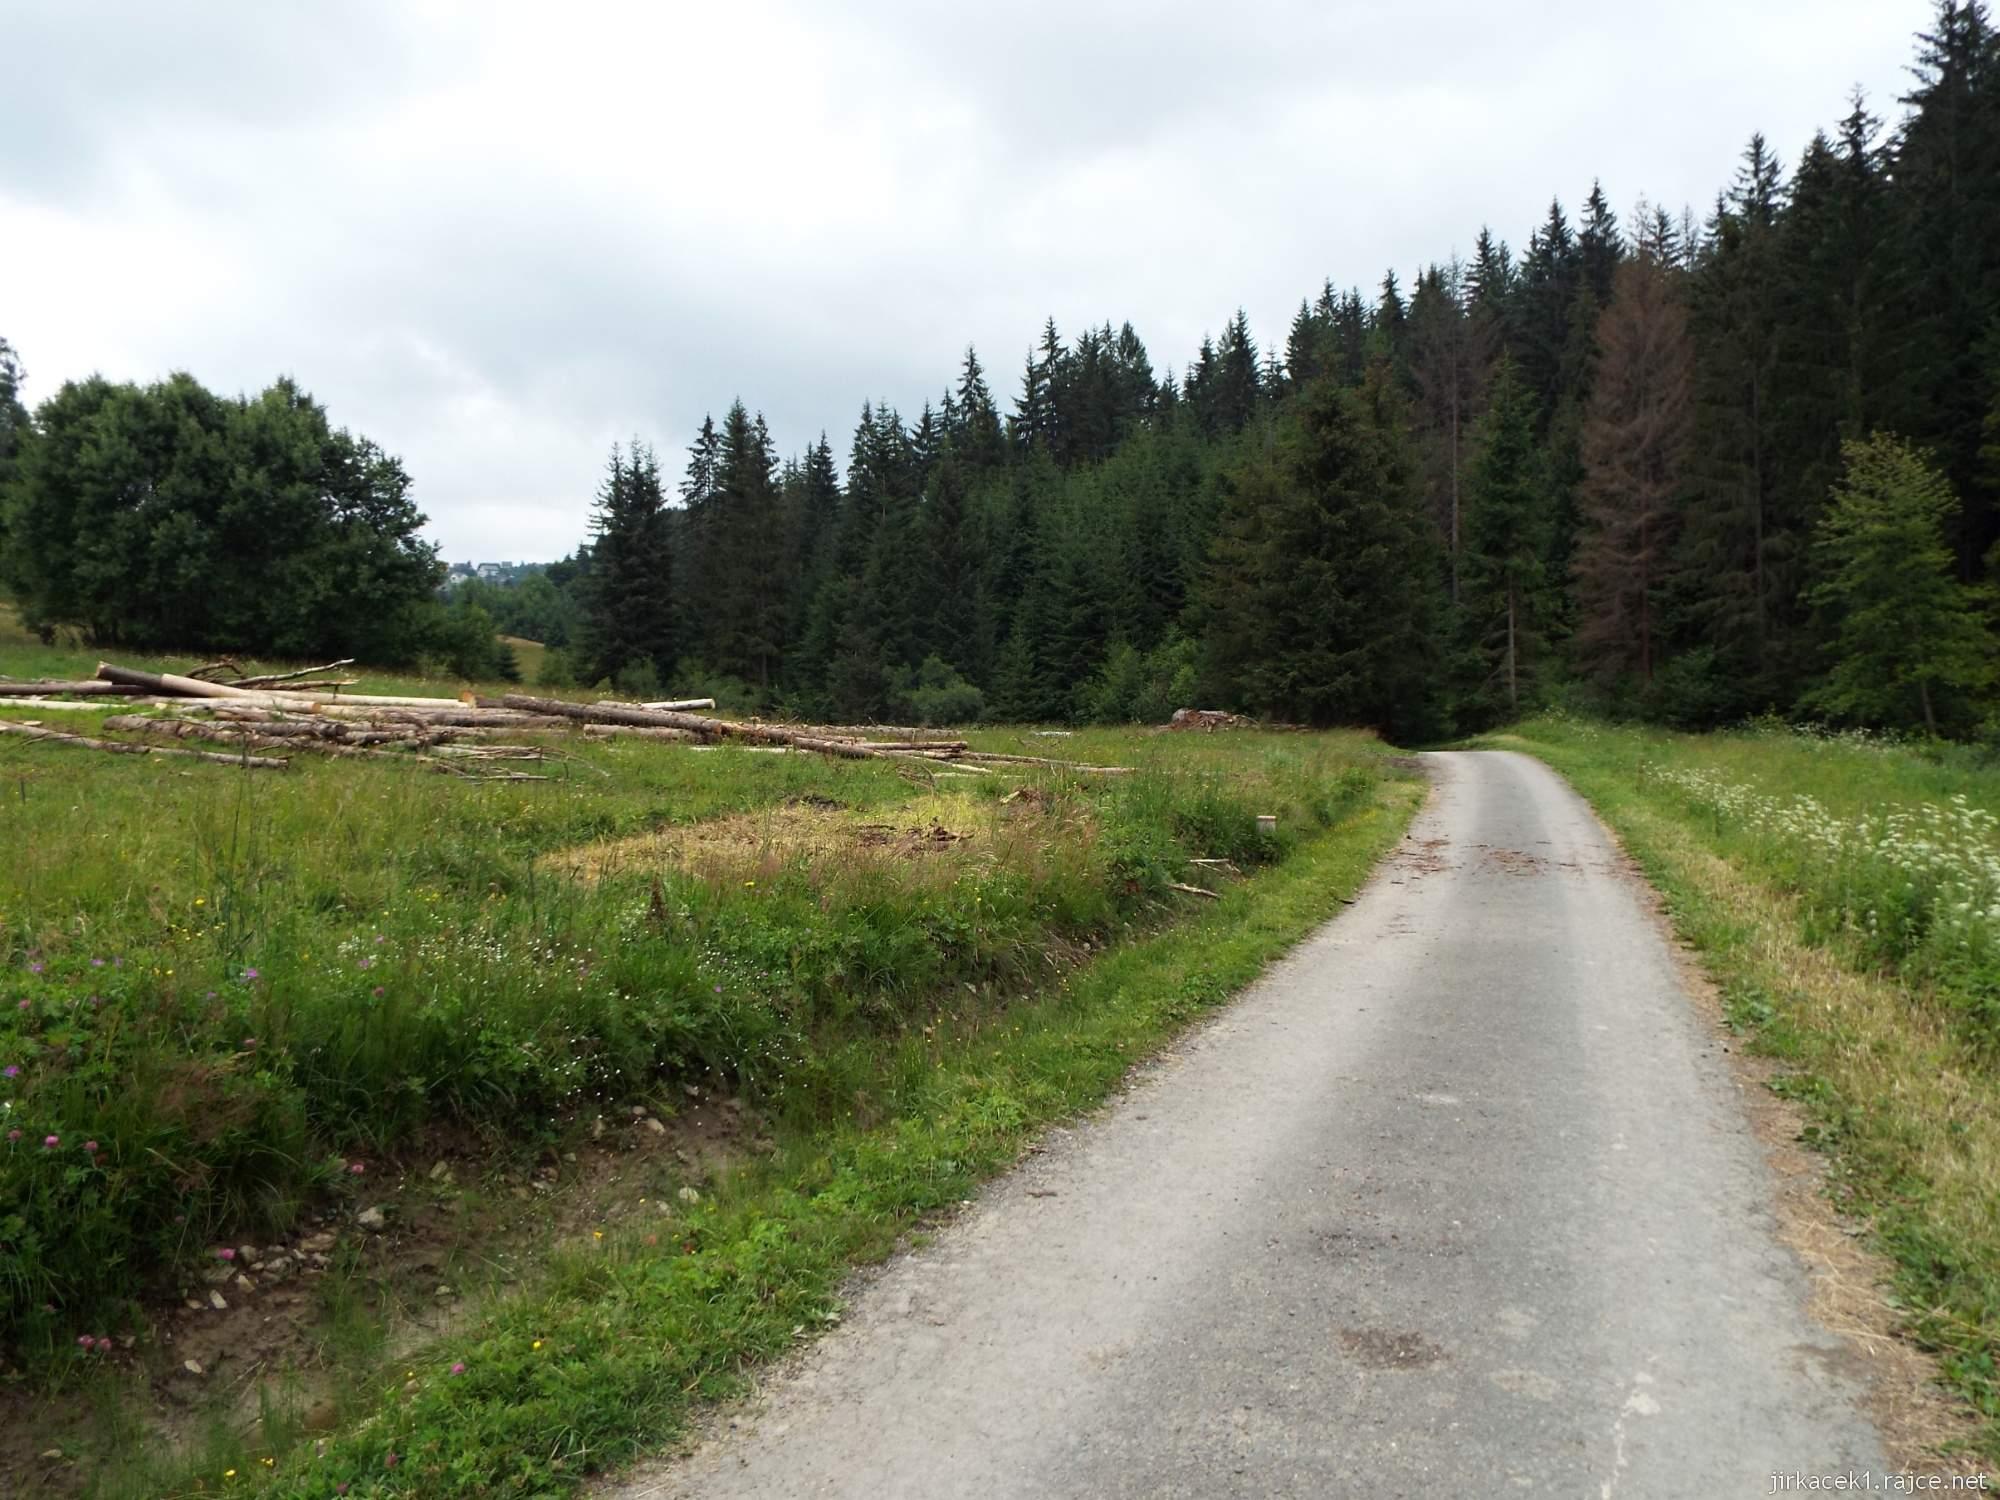 Trojmezí CZ-PL-SK - 17 - cesta na trojmezí - rovina za rozcestím na dně údolí